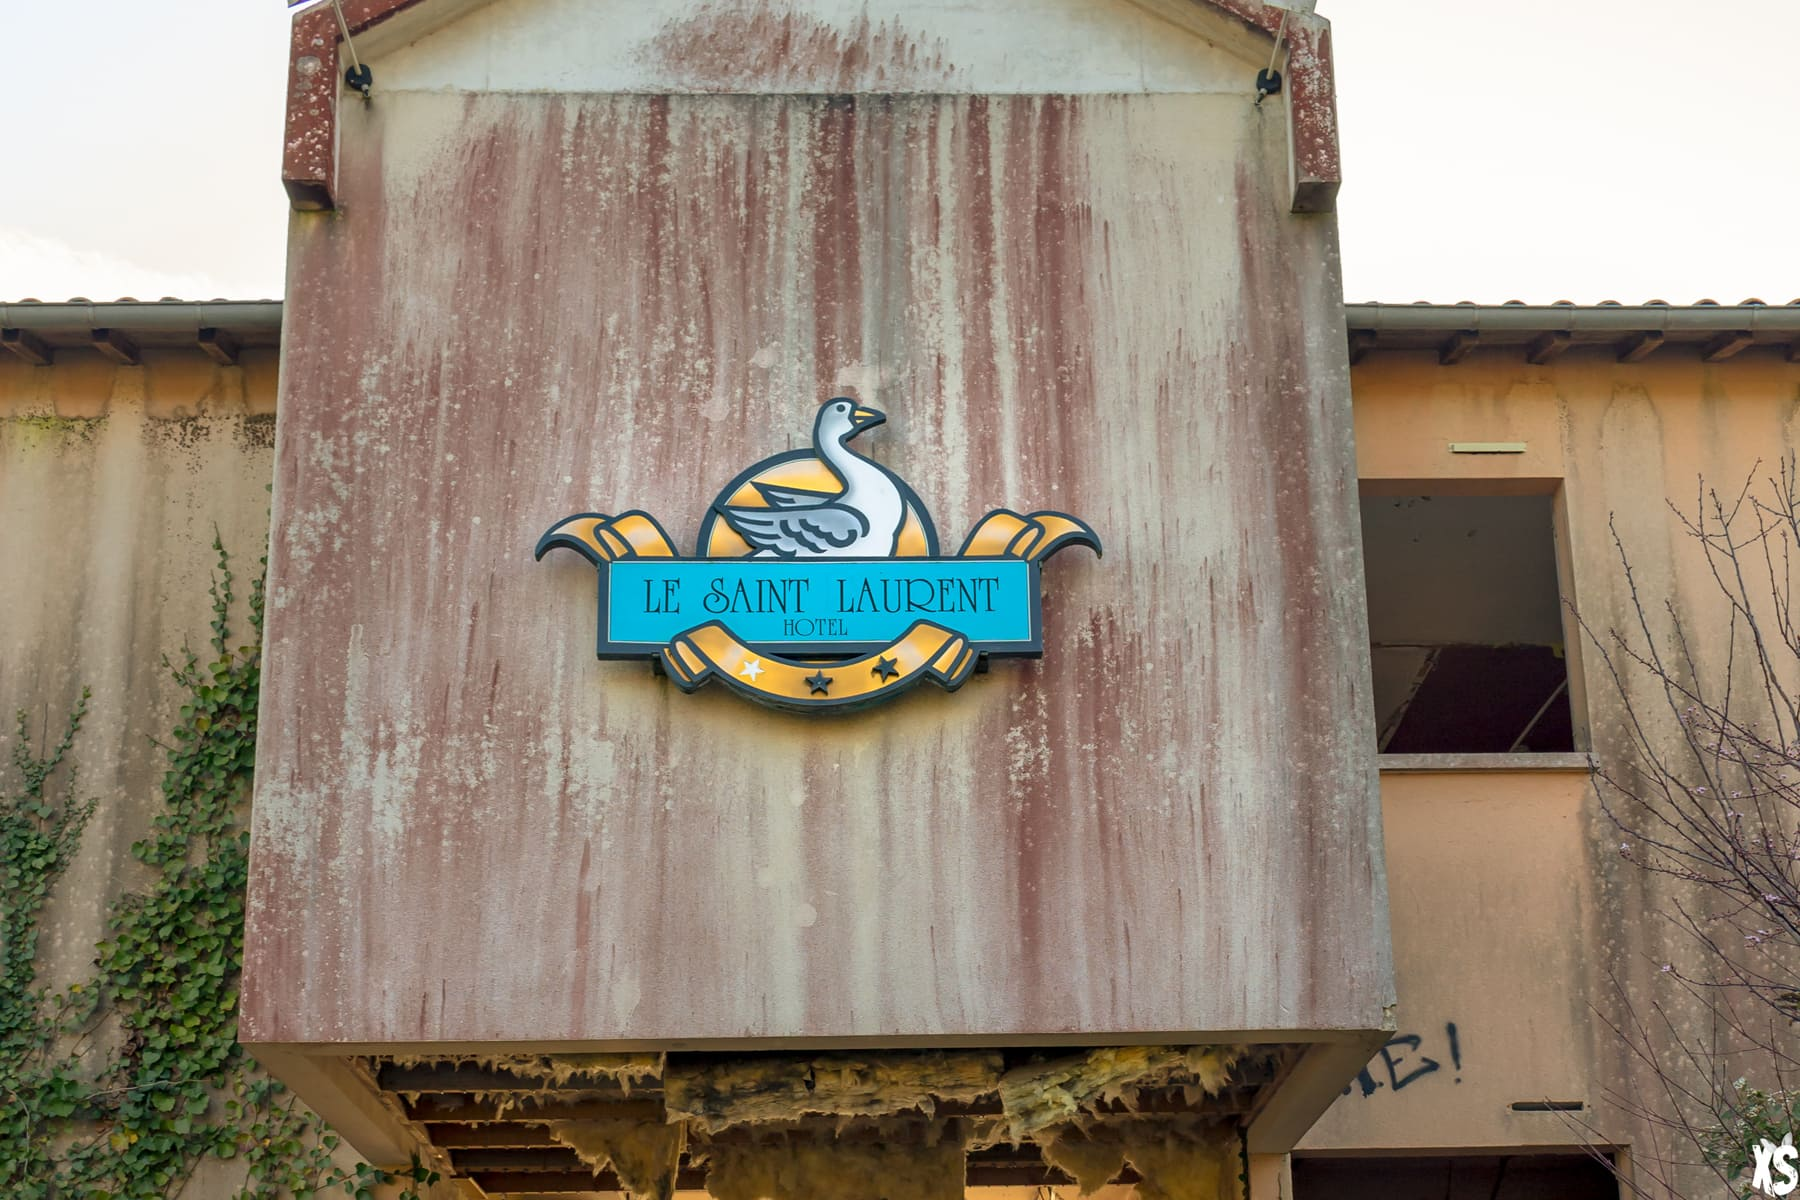 Hôtel abandonné situé à Boulazac Isle Manoire | urbexsession.com/hotel-le-saint-laurent-boulazac-isle-manoire | Urbex Dordogne